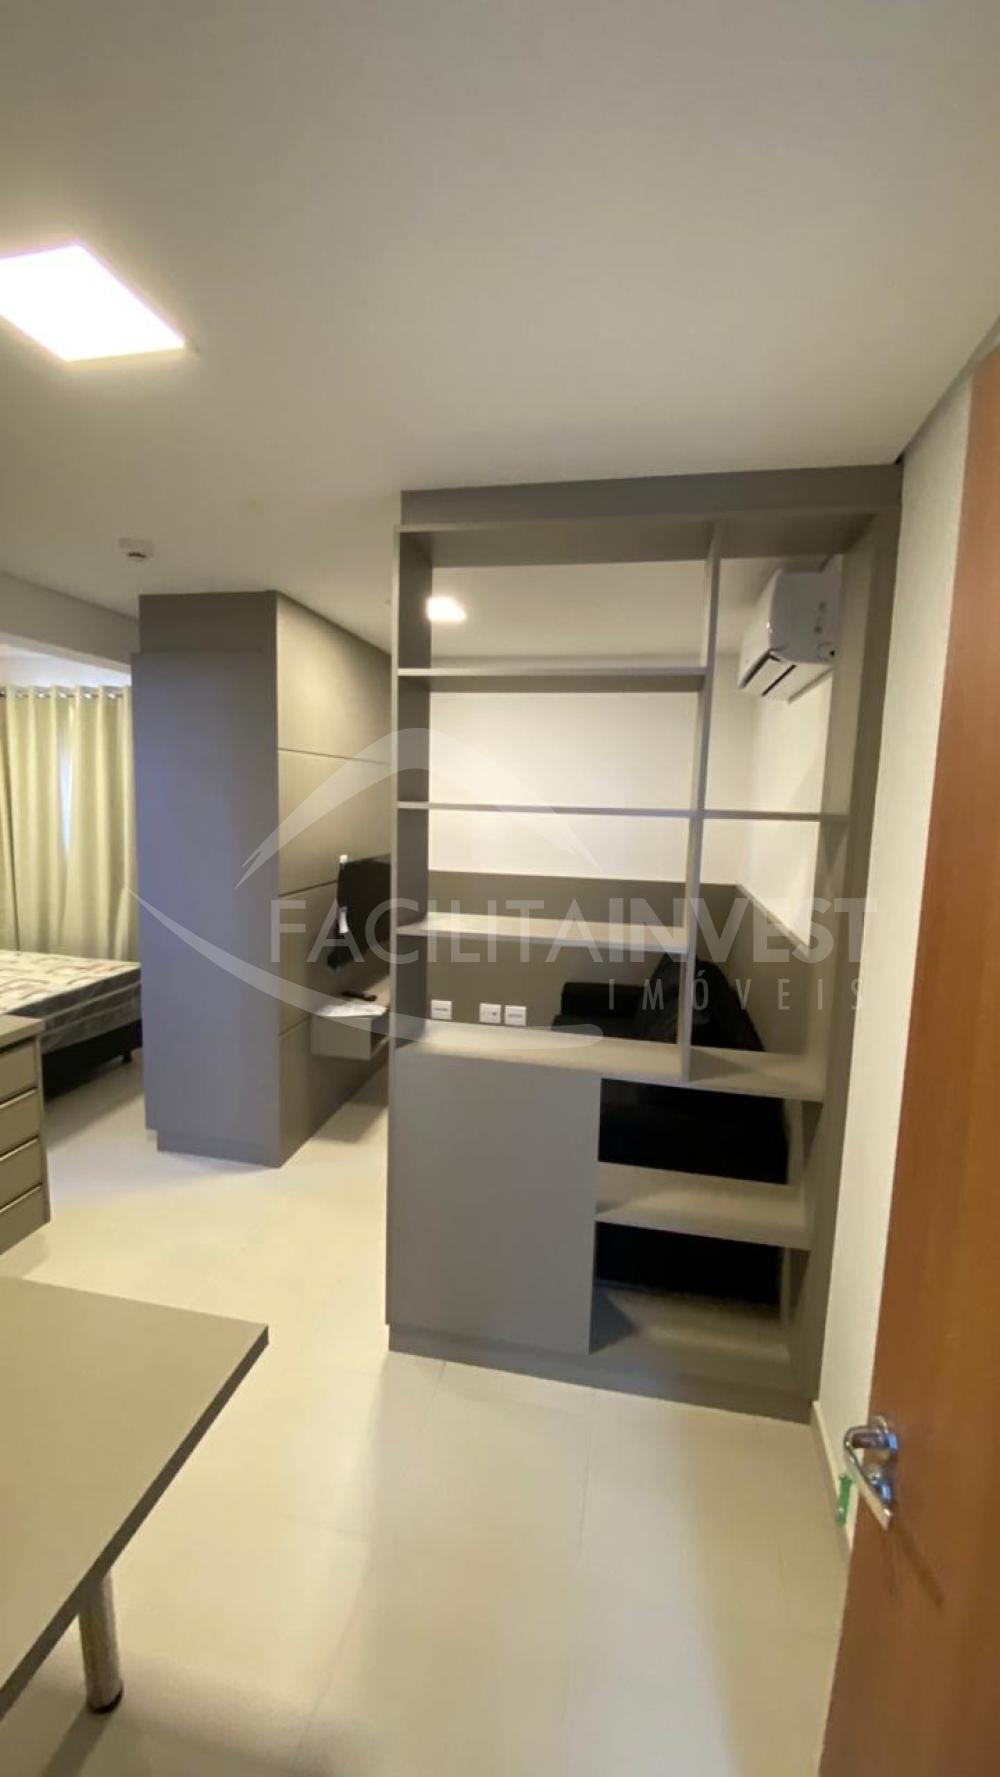 Alugar Apartamentos / Apartamento/ Flat Mobiliado em Ribeirão Preto apenas R$ 1.600,00 - Foto 2